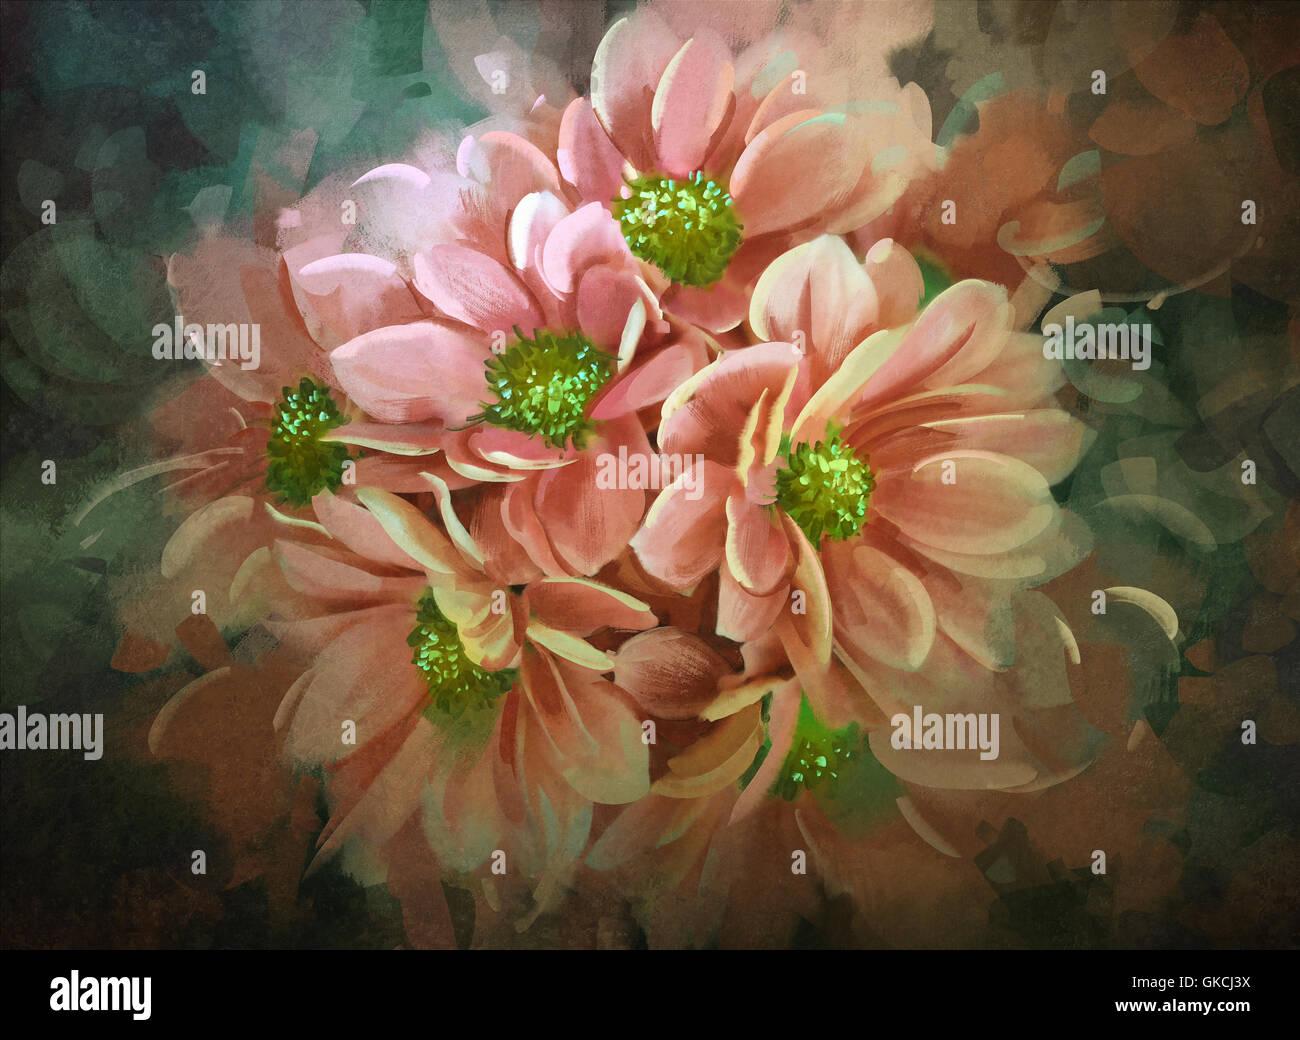 Beautiful flowerscolor bloomingillustrationdigital painting stock beautiful flowerscolor bloomingillustrationdigital painting izmirmasajfo